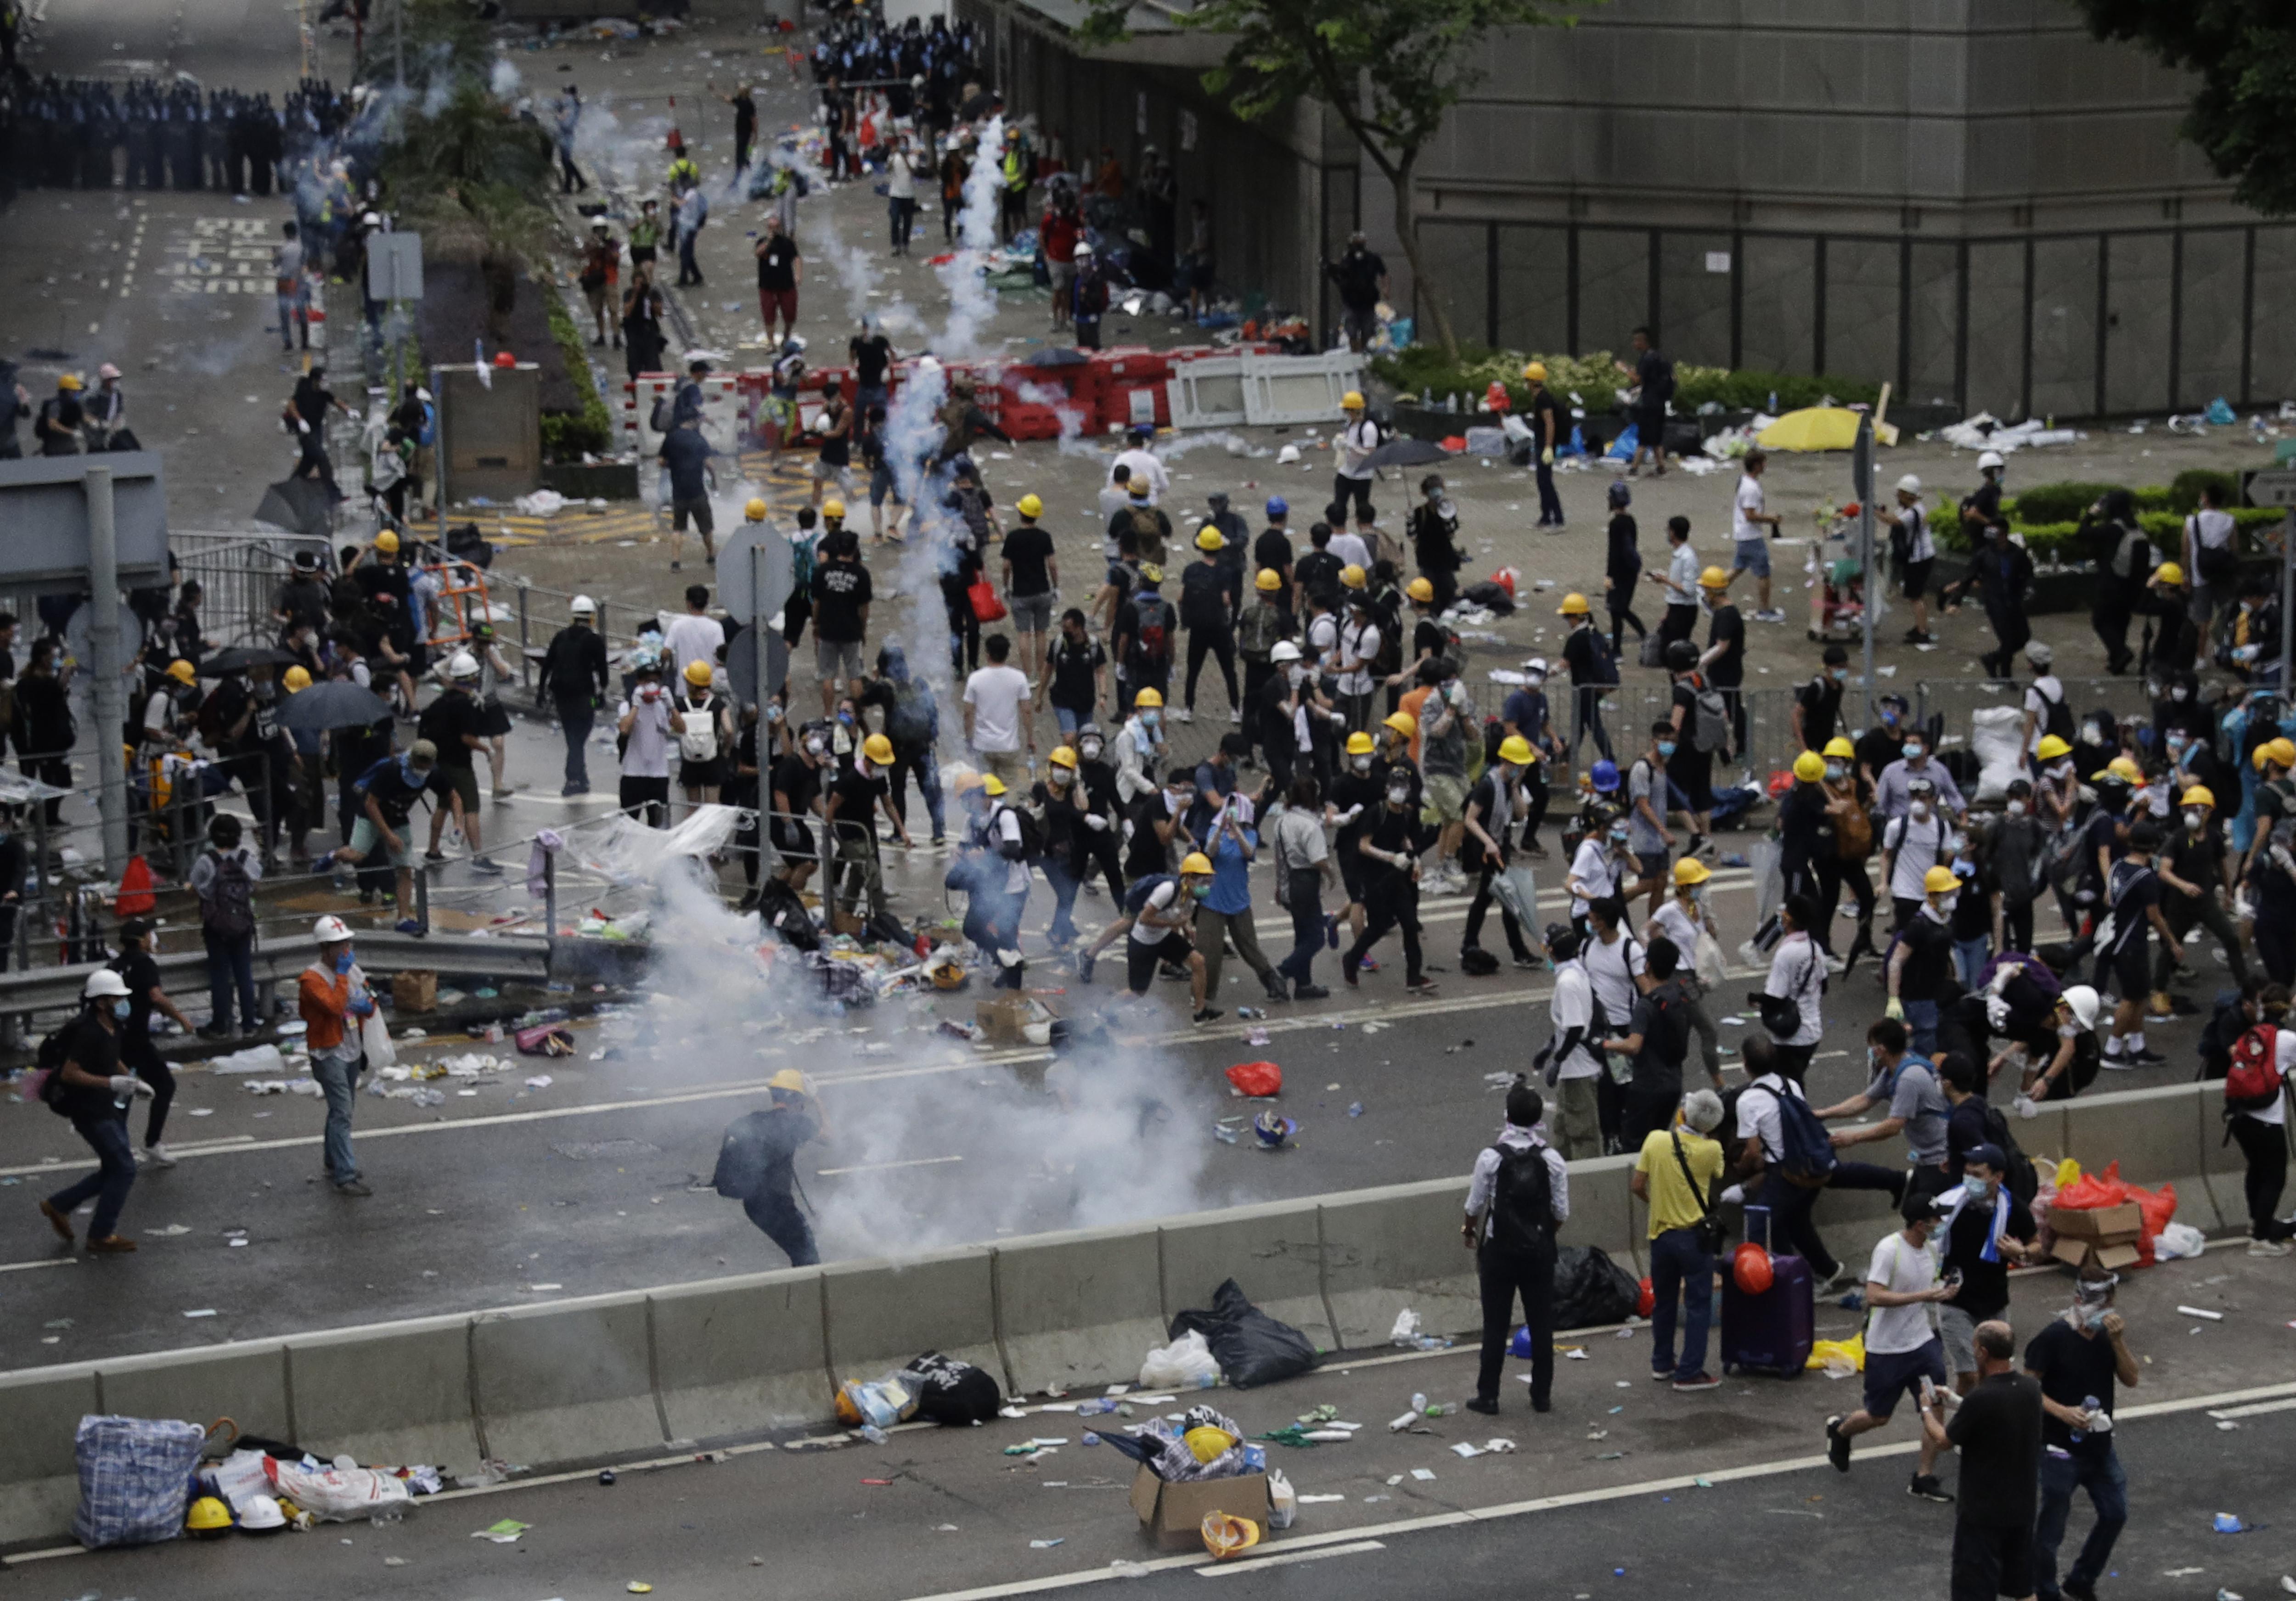 ▲▼香港反送中示威,警方朝示威者發射催淚瓦斯。(圖/達志影像/美聯社)